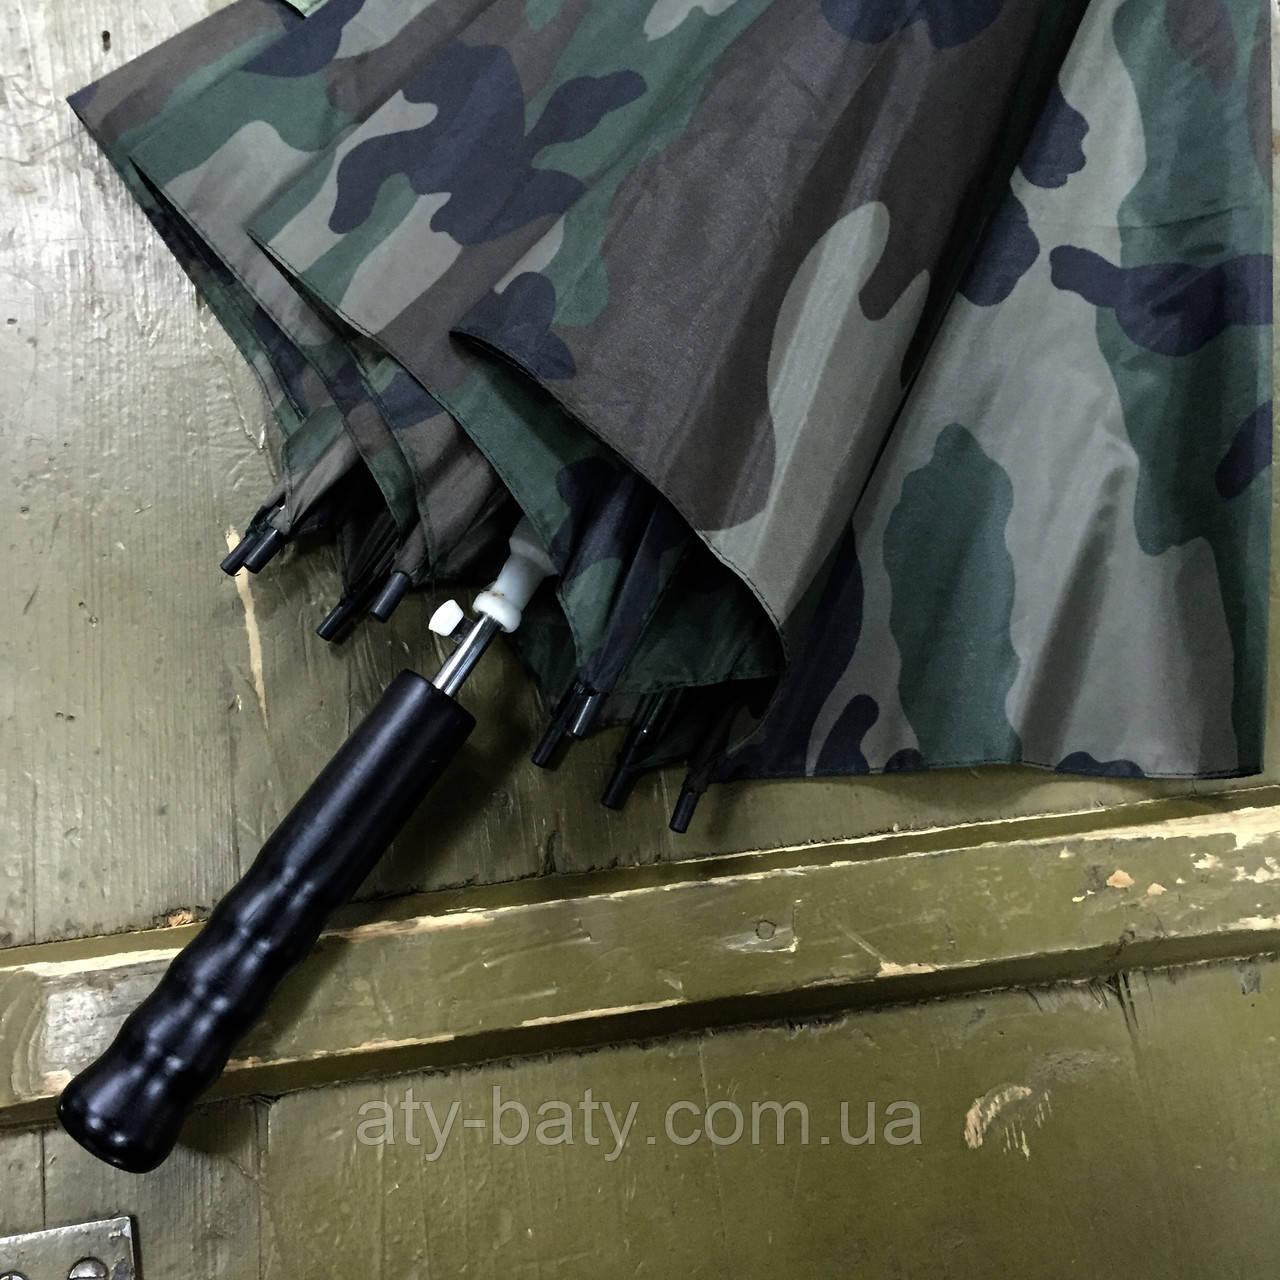 Зонт Mil-tec (10636020)